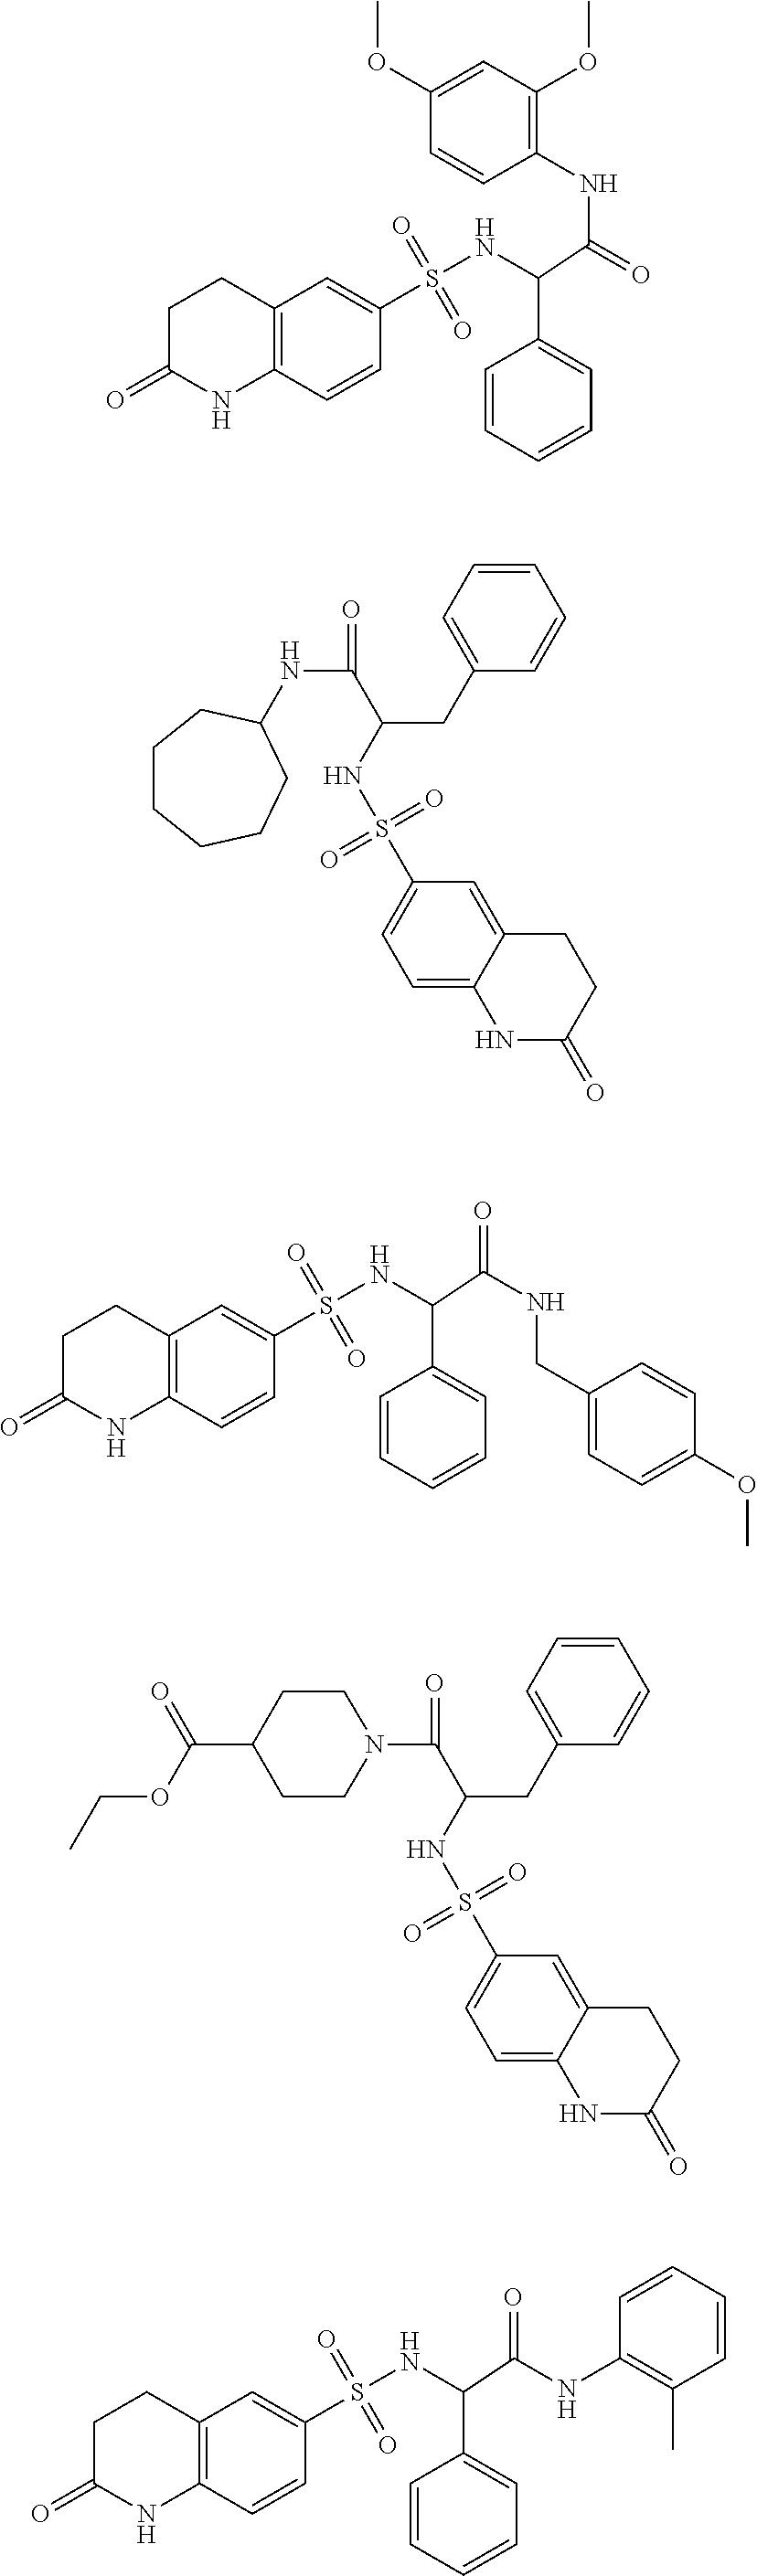 Figure US08957075-20150217-C00033